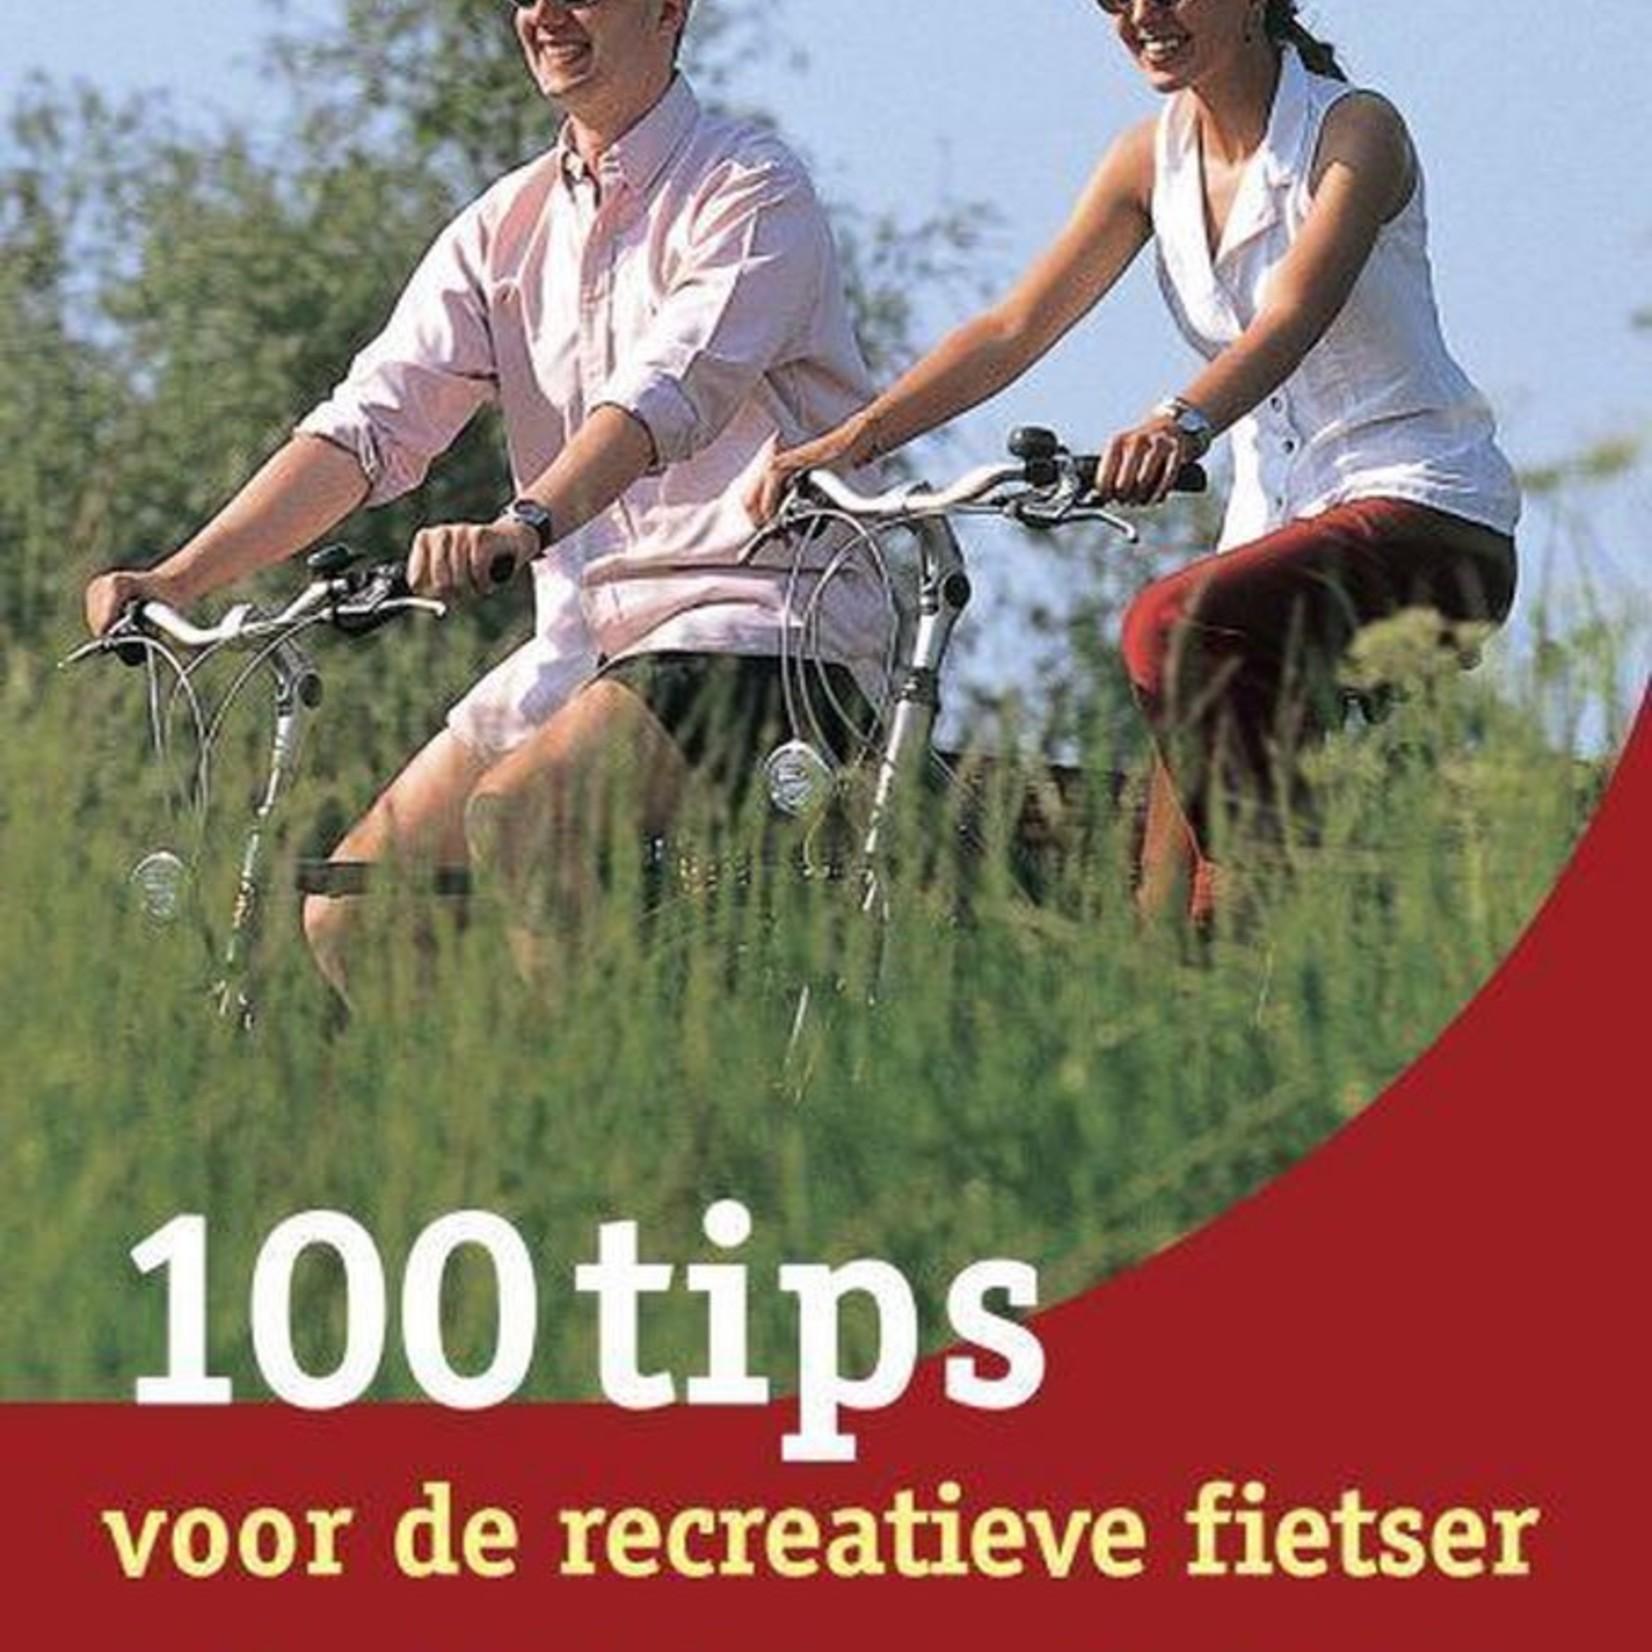 Boek '100 tips voor de recreatieve fietser'